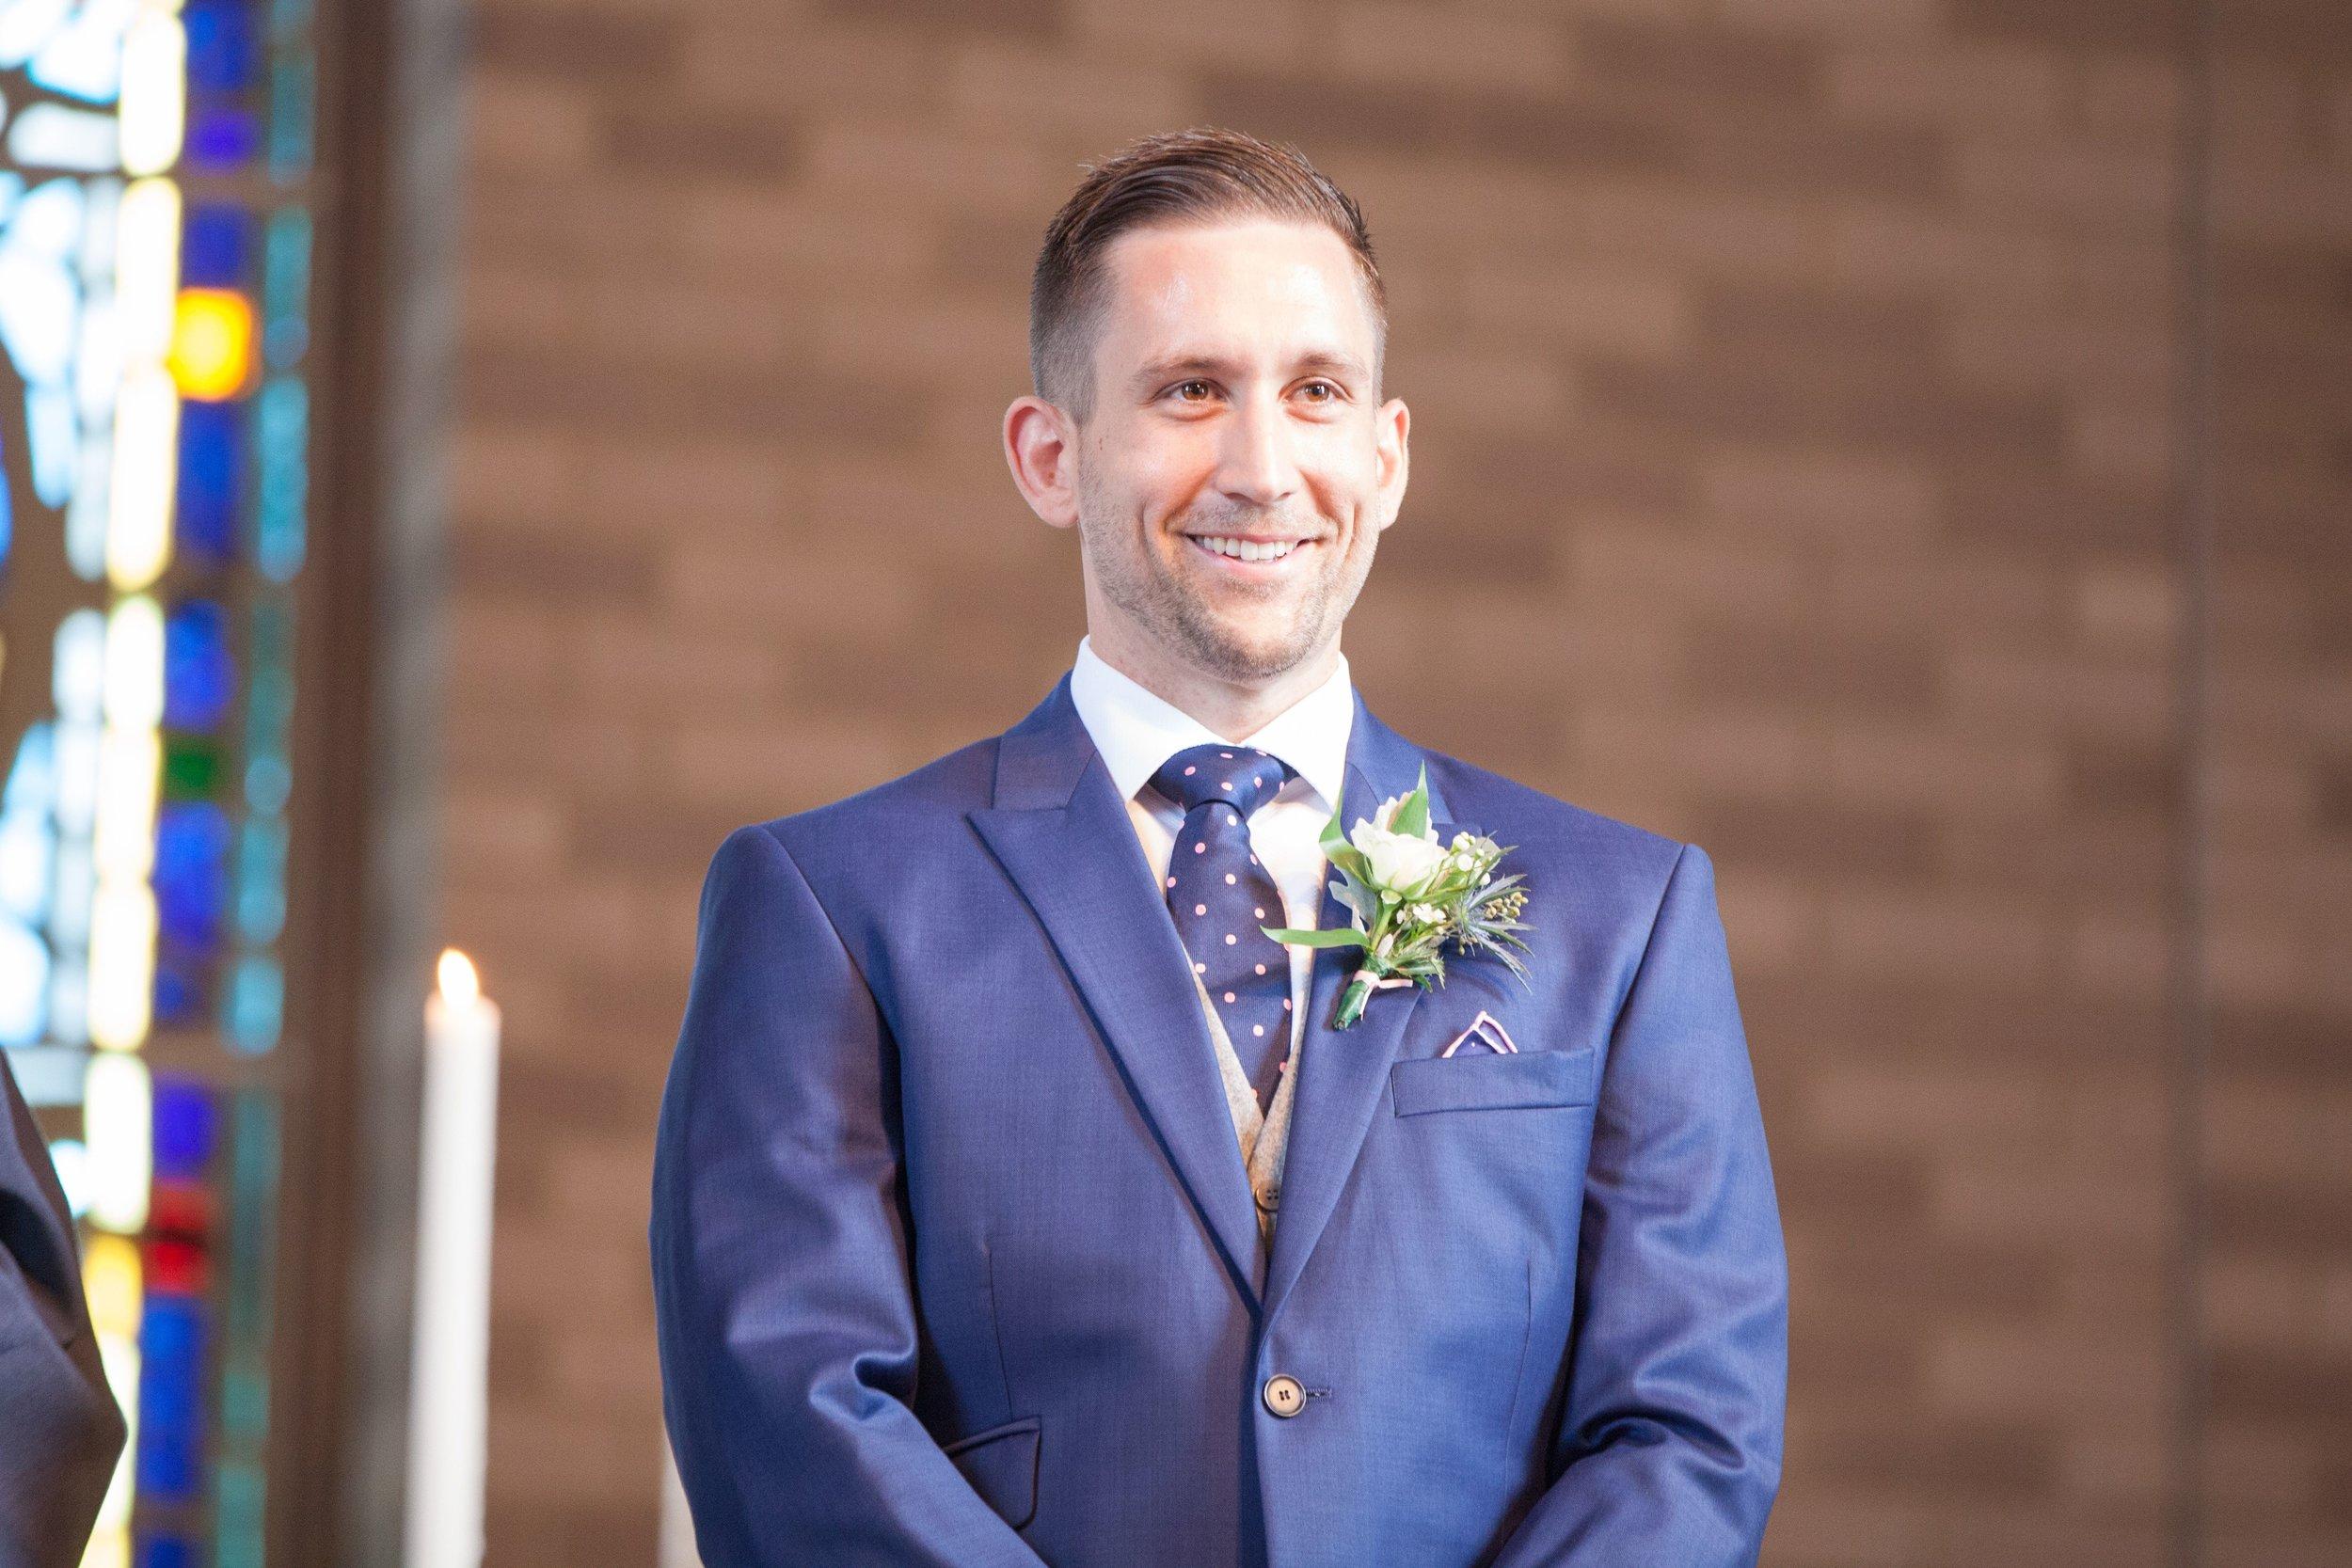 00001_Stover-WeddingSp-73.jpg